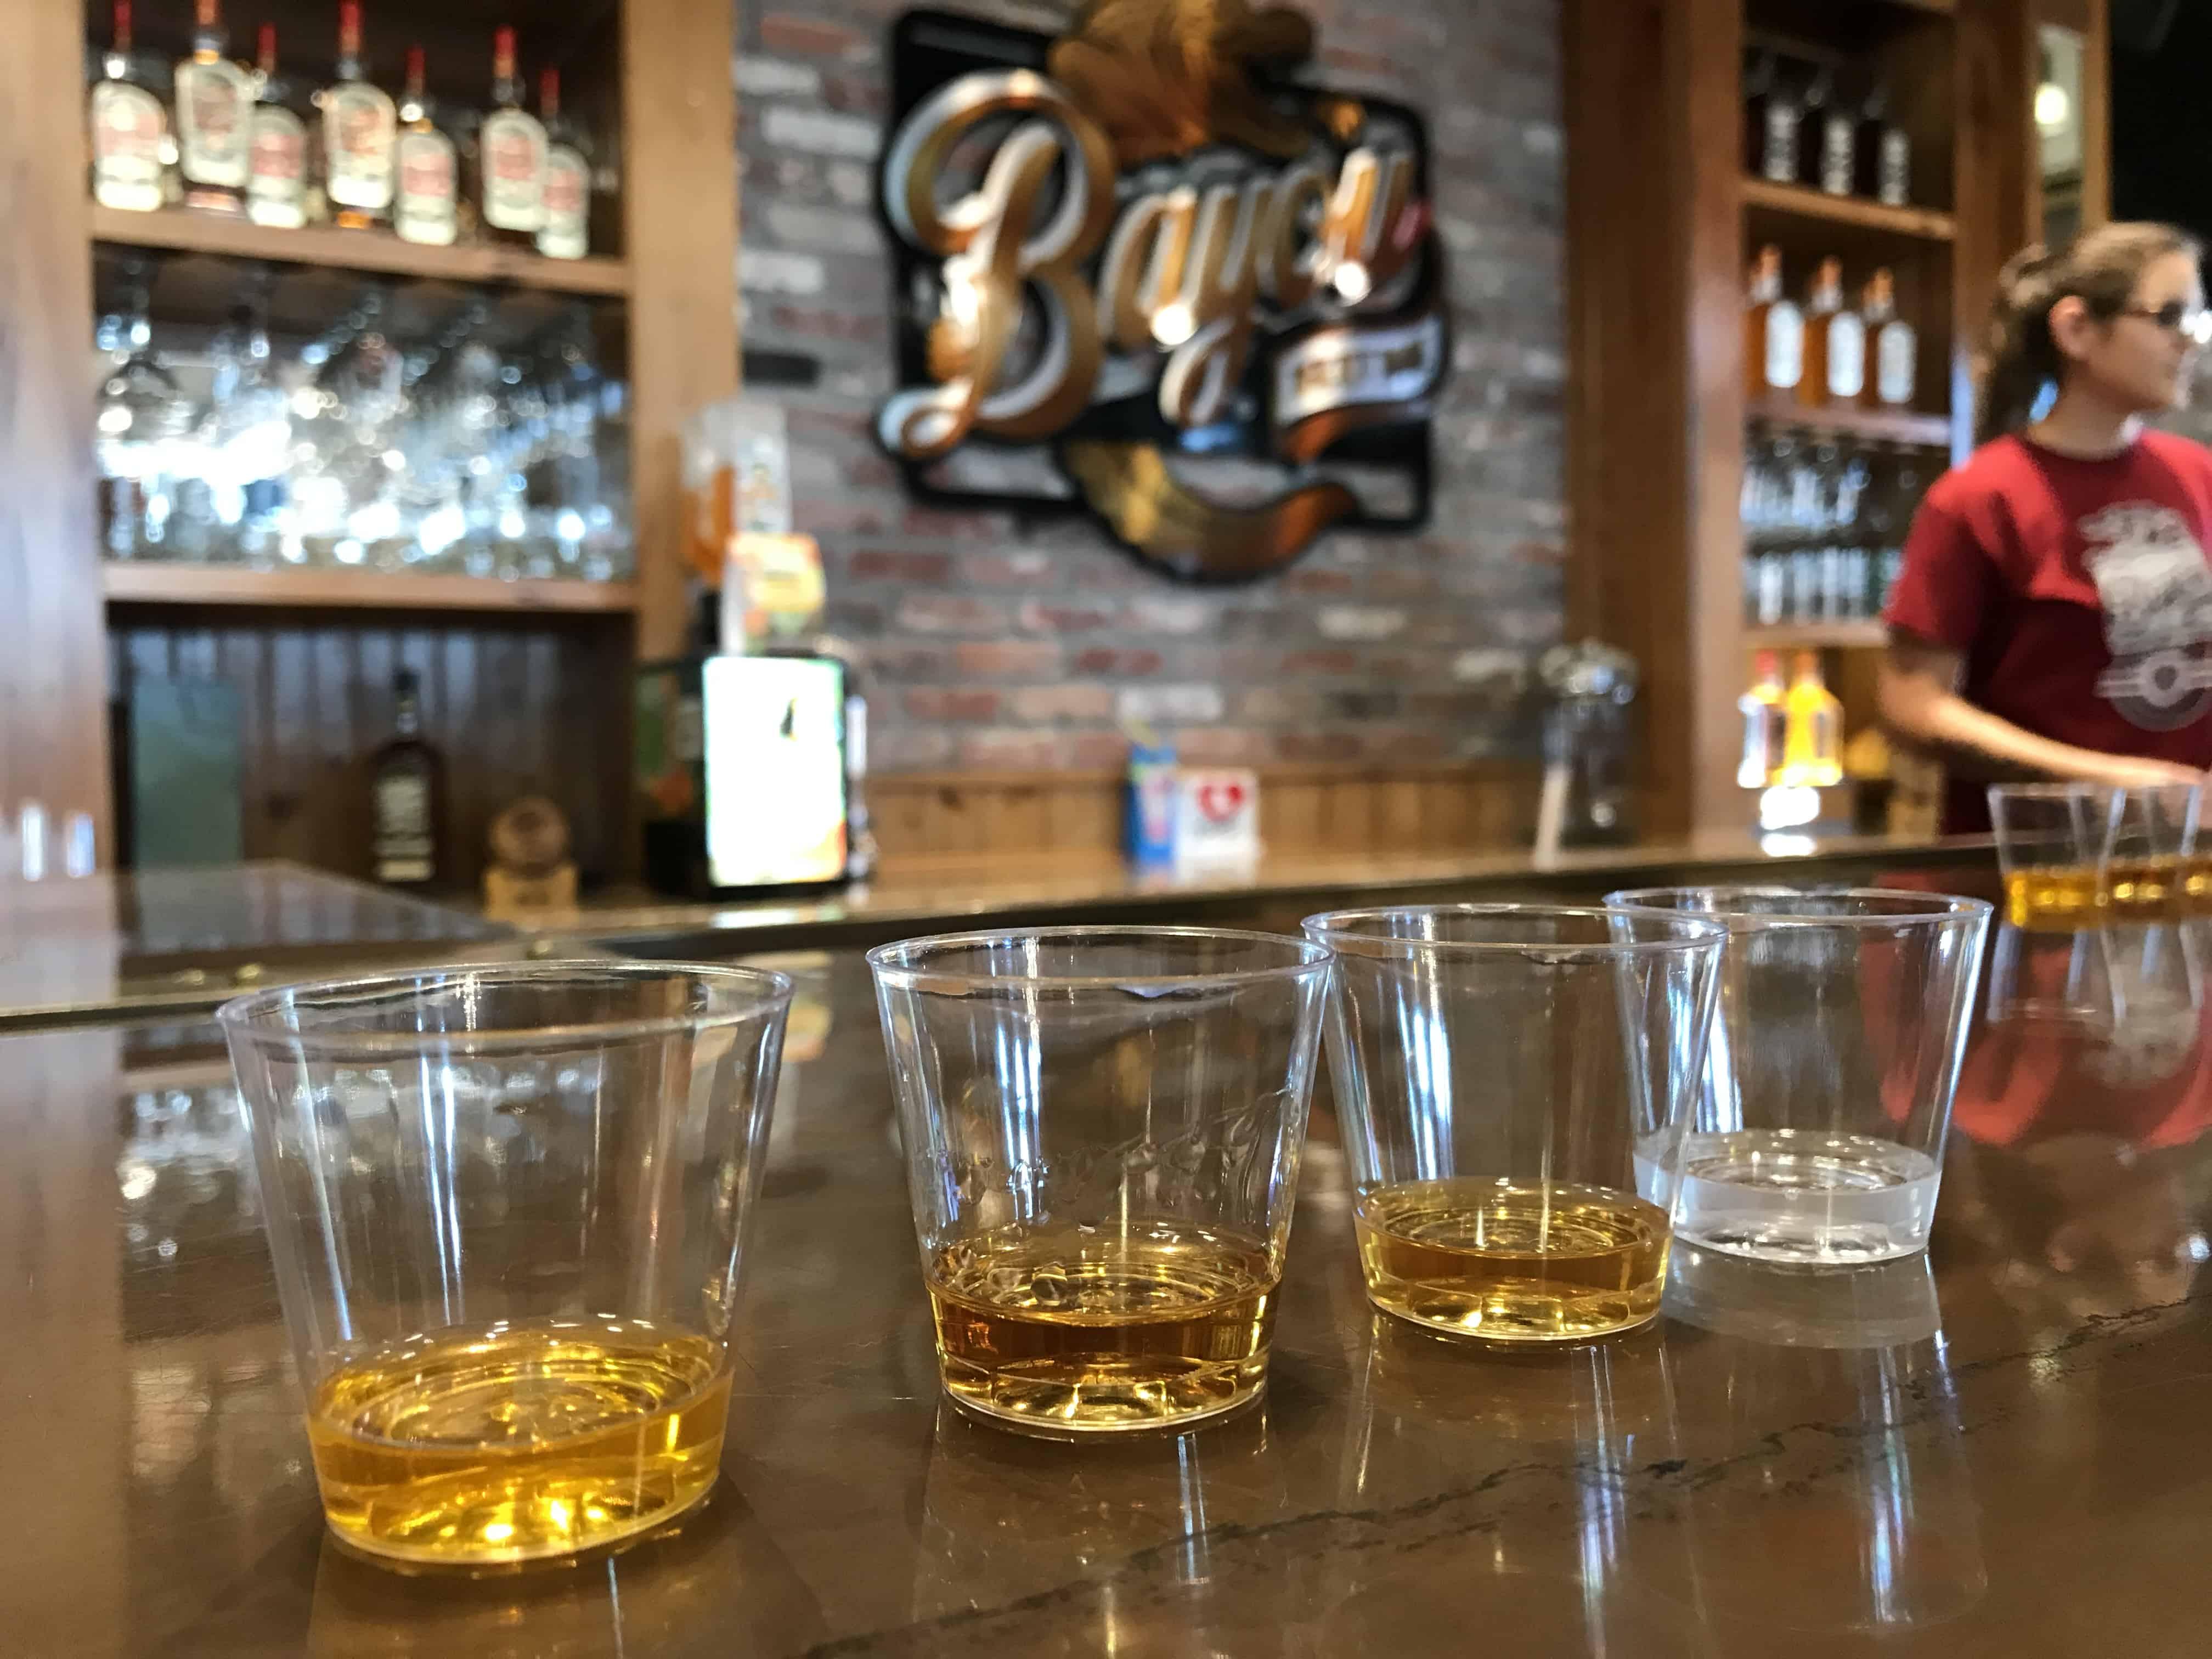 Taste Testing at Bayou Rum